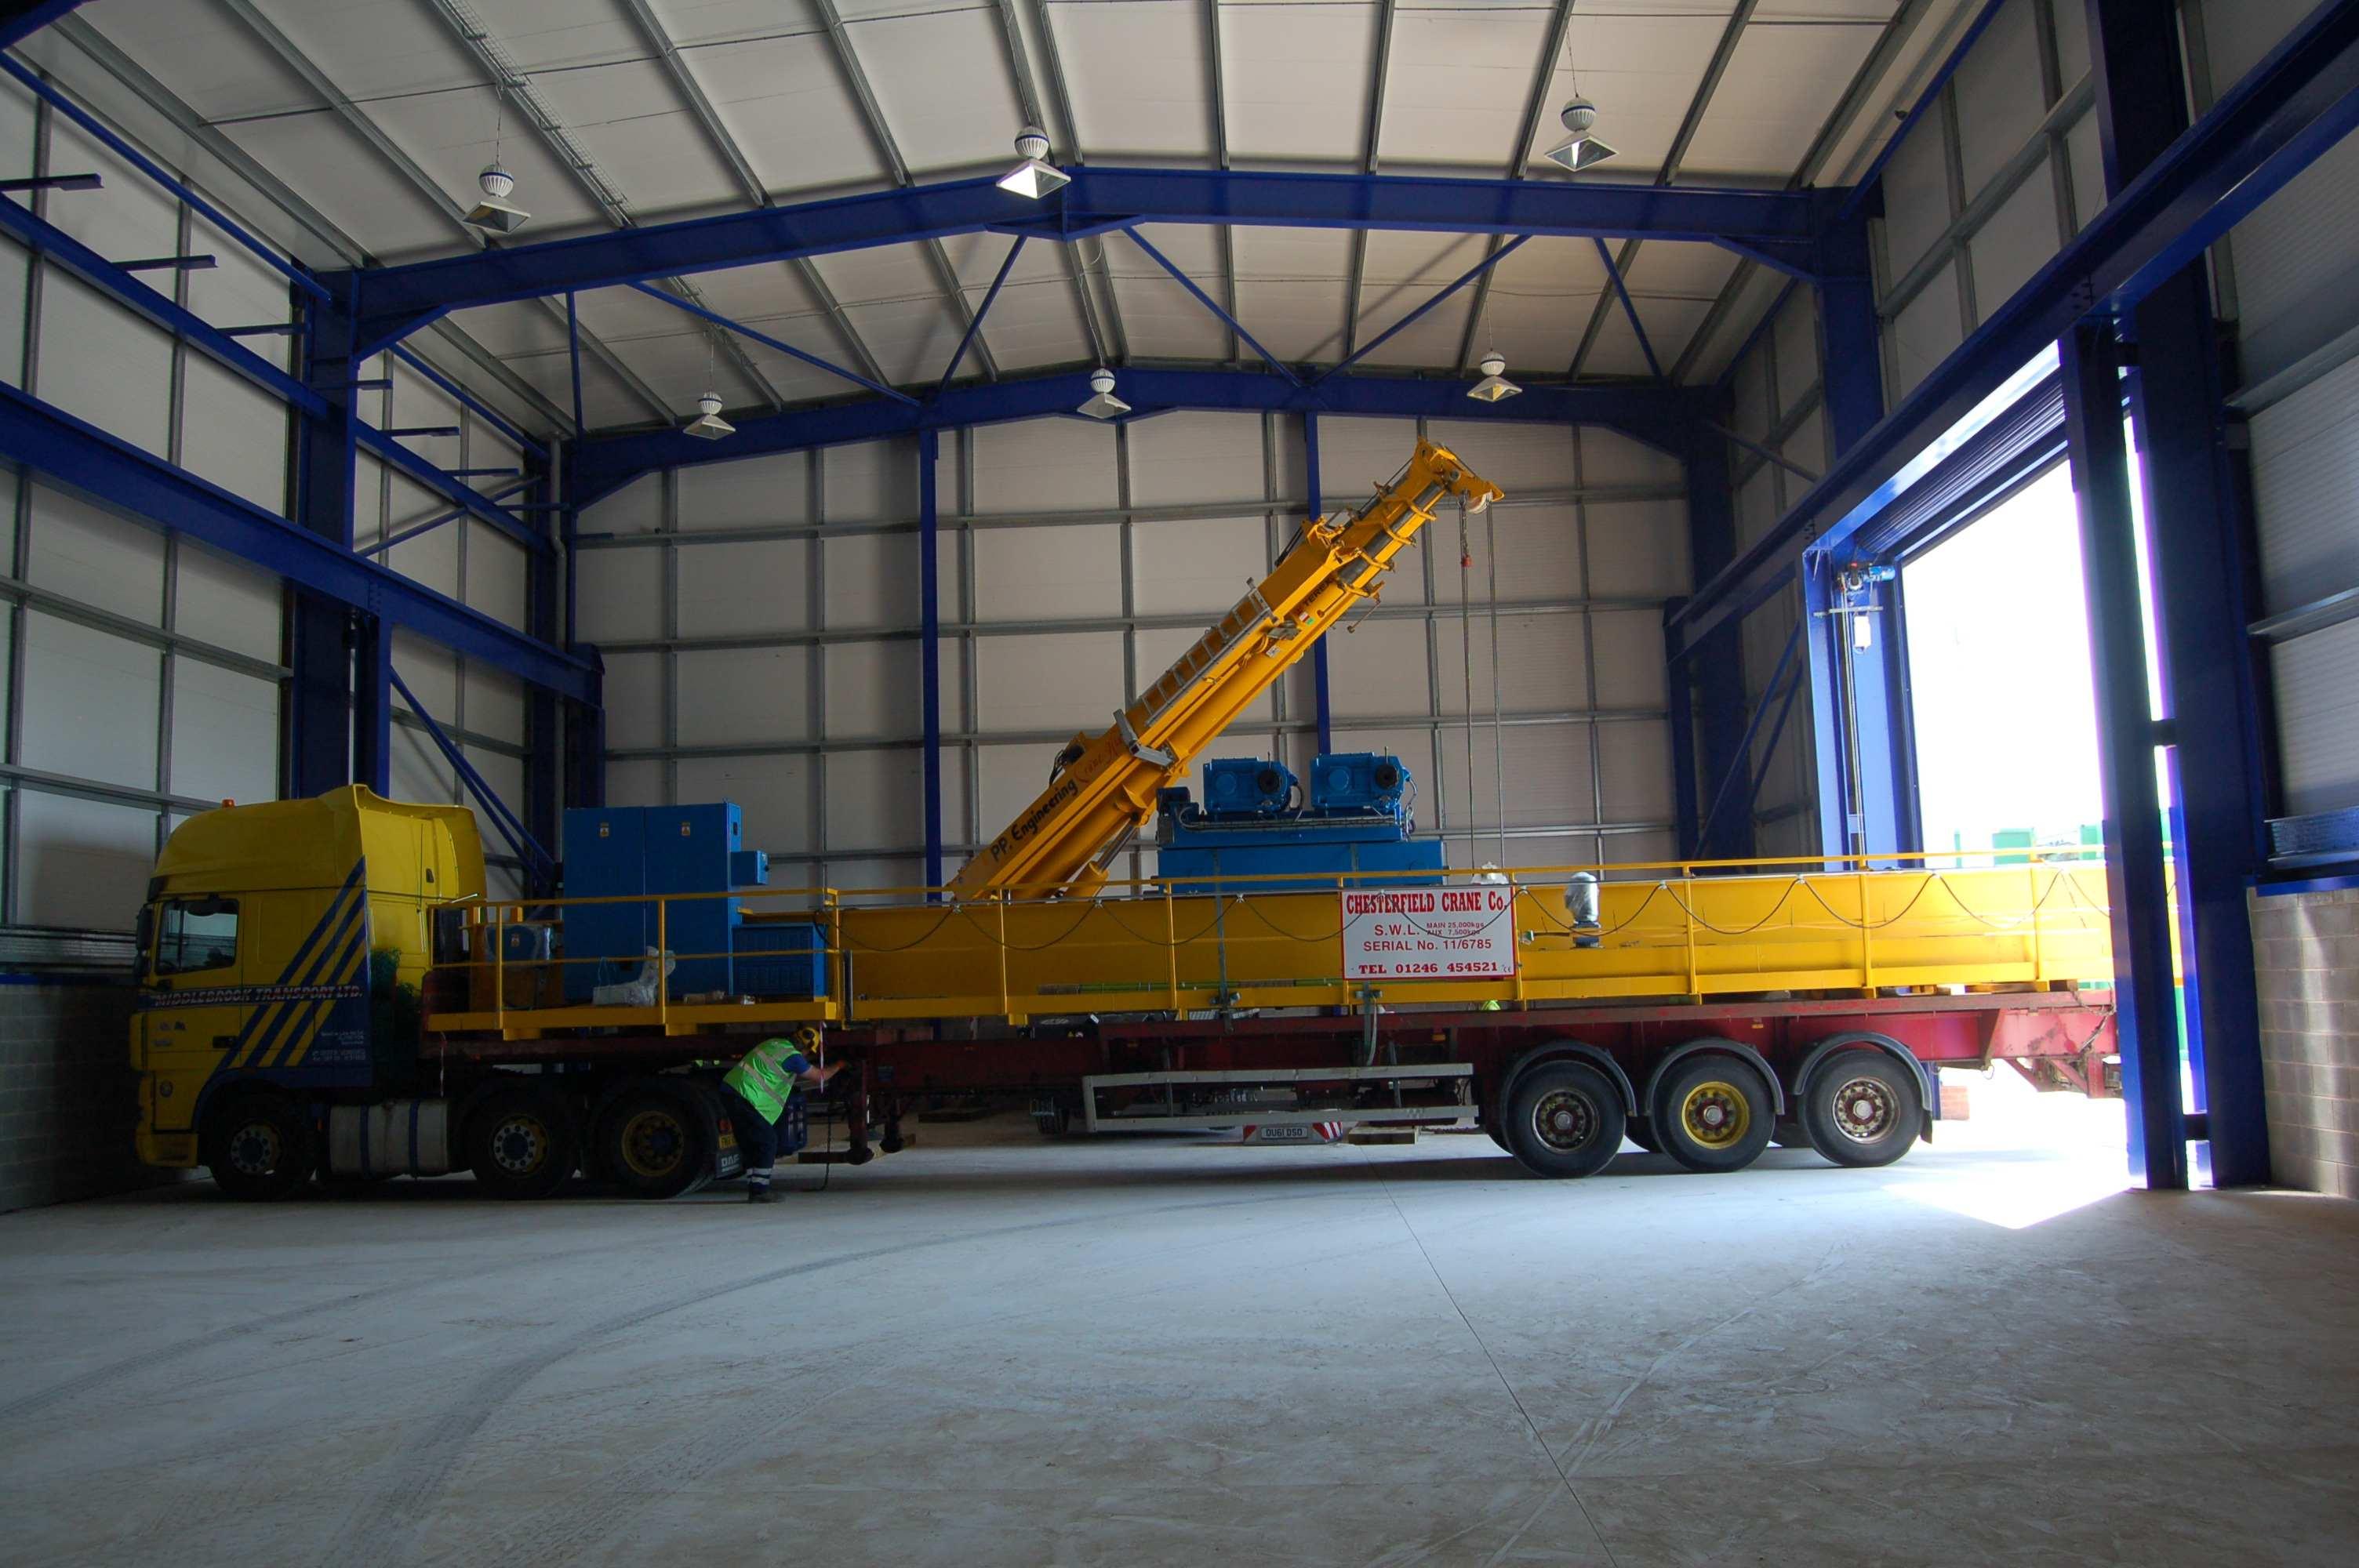 OHT crane arriving in workshop